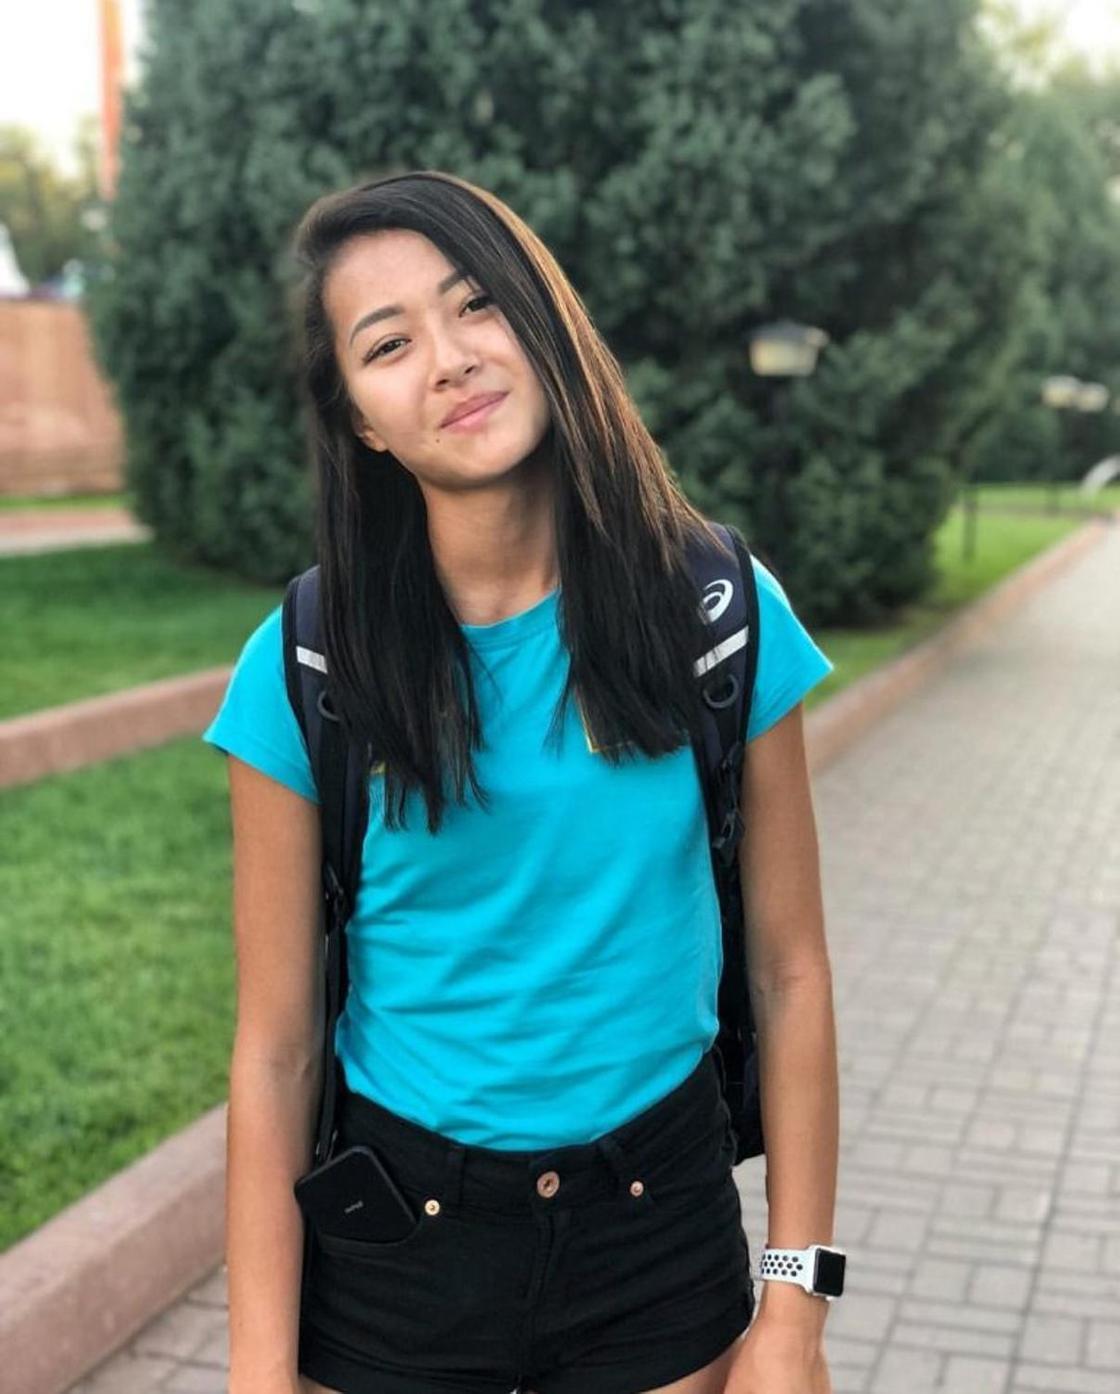 11 невероятно красивых девушек в казахстанском спорте